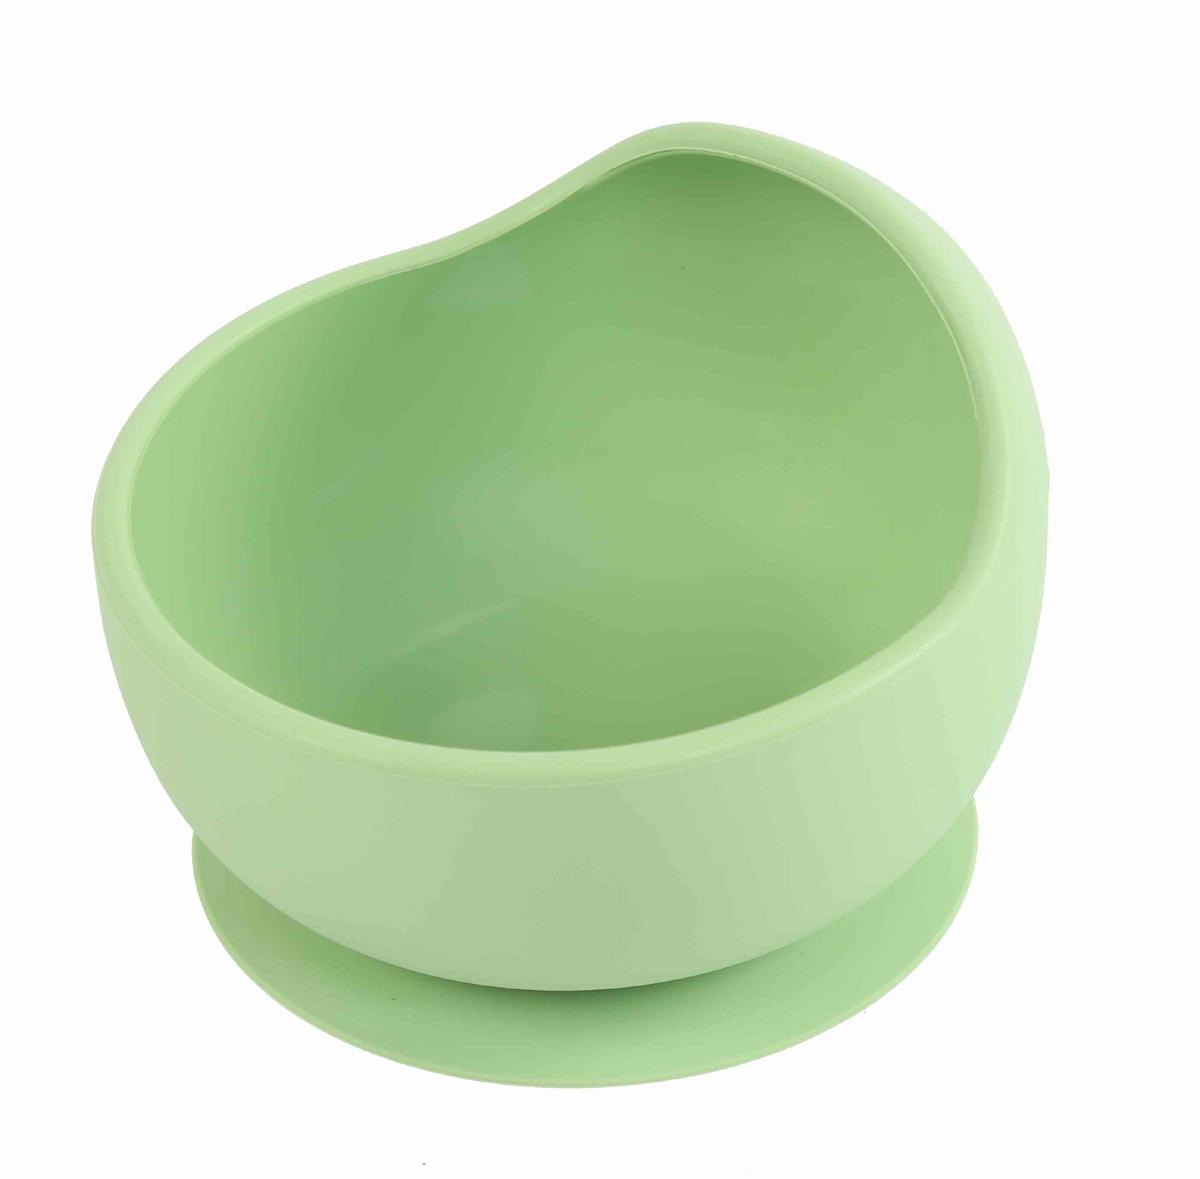 22098 matskål med sugfot grön